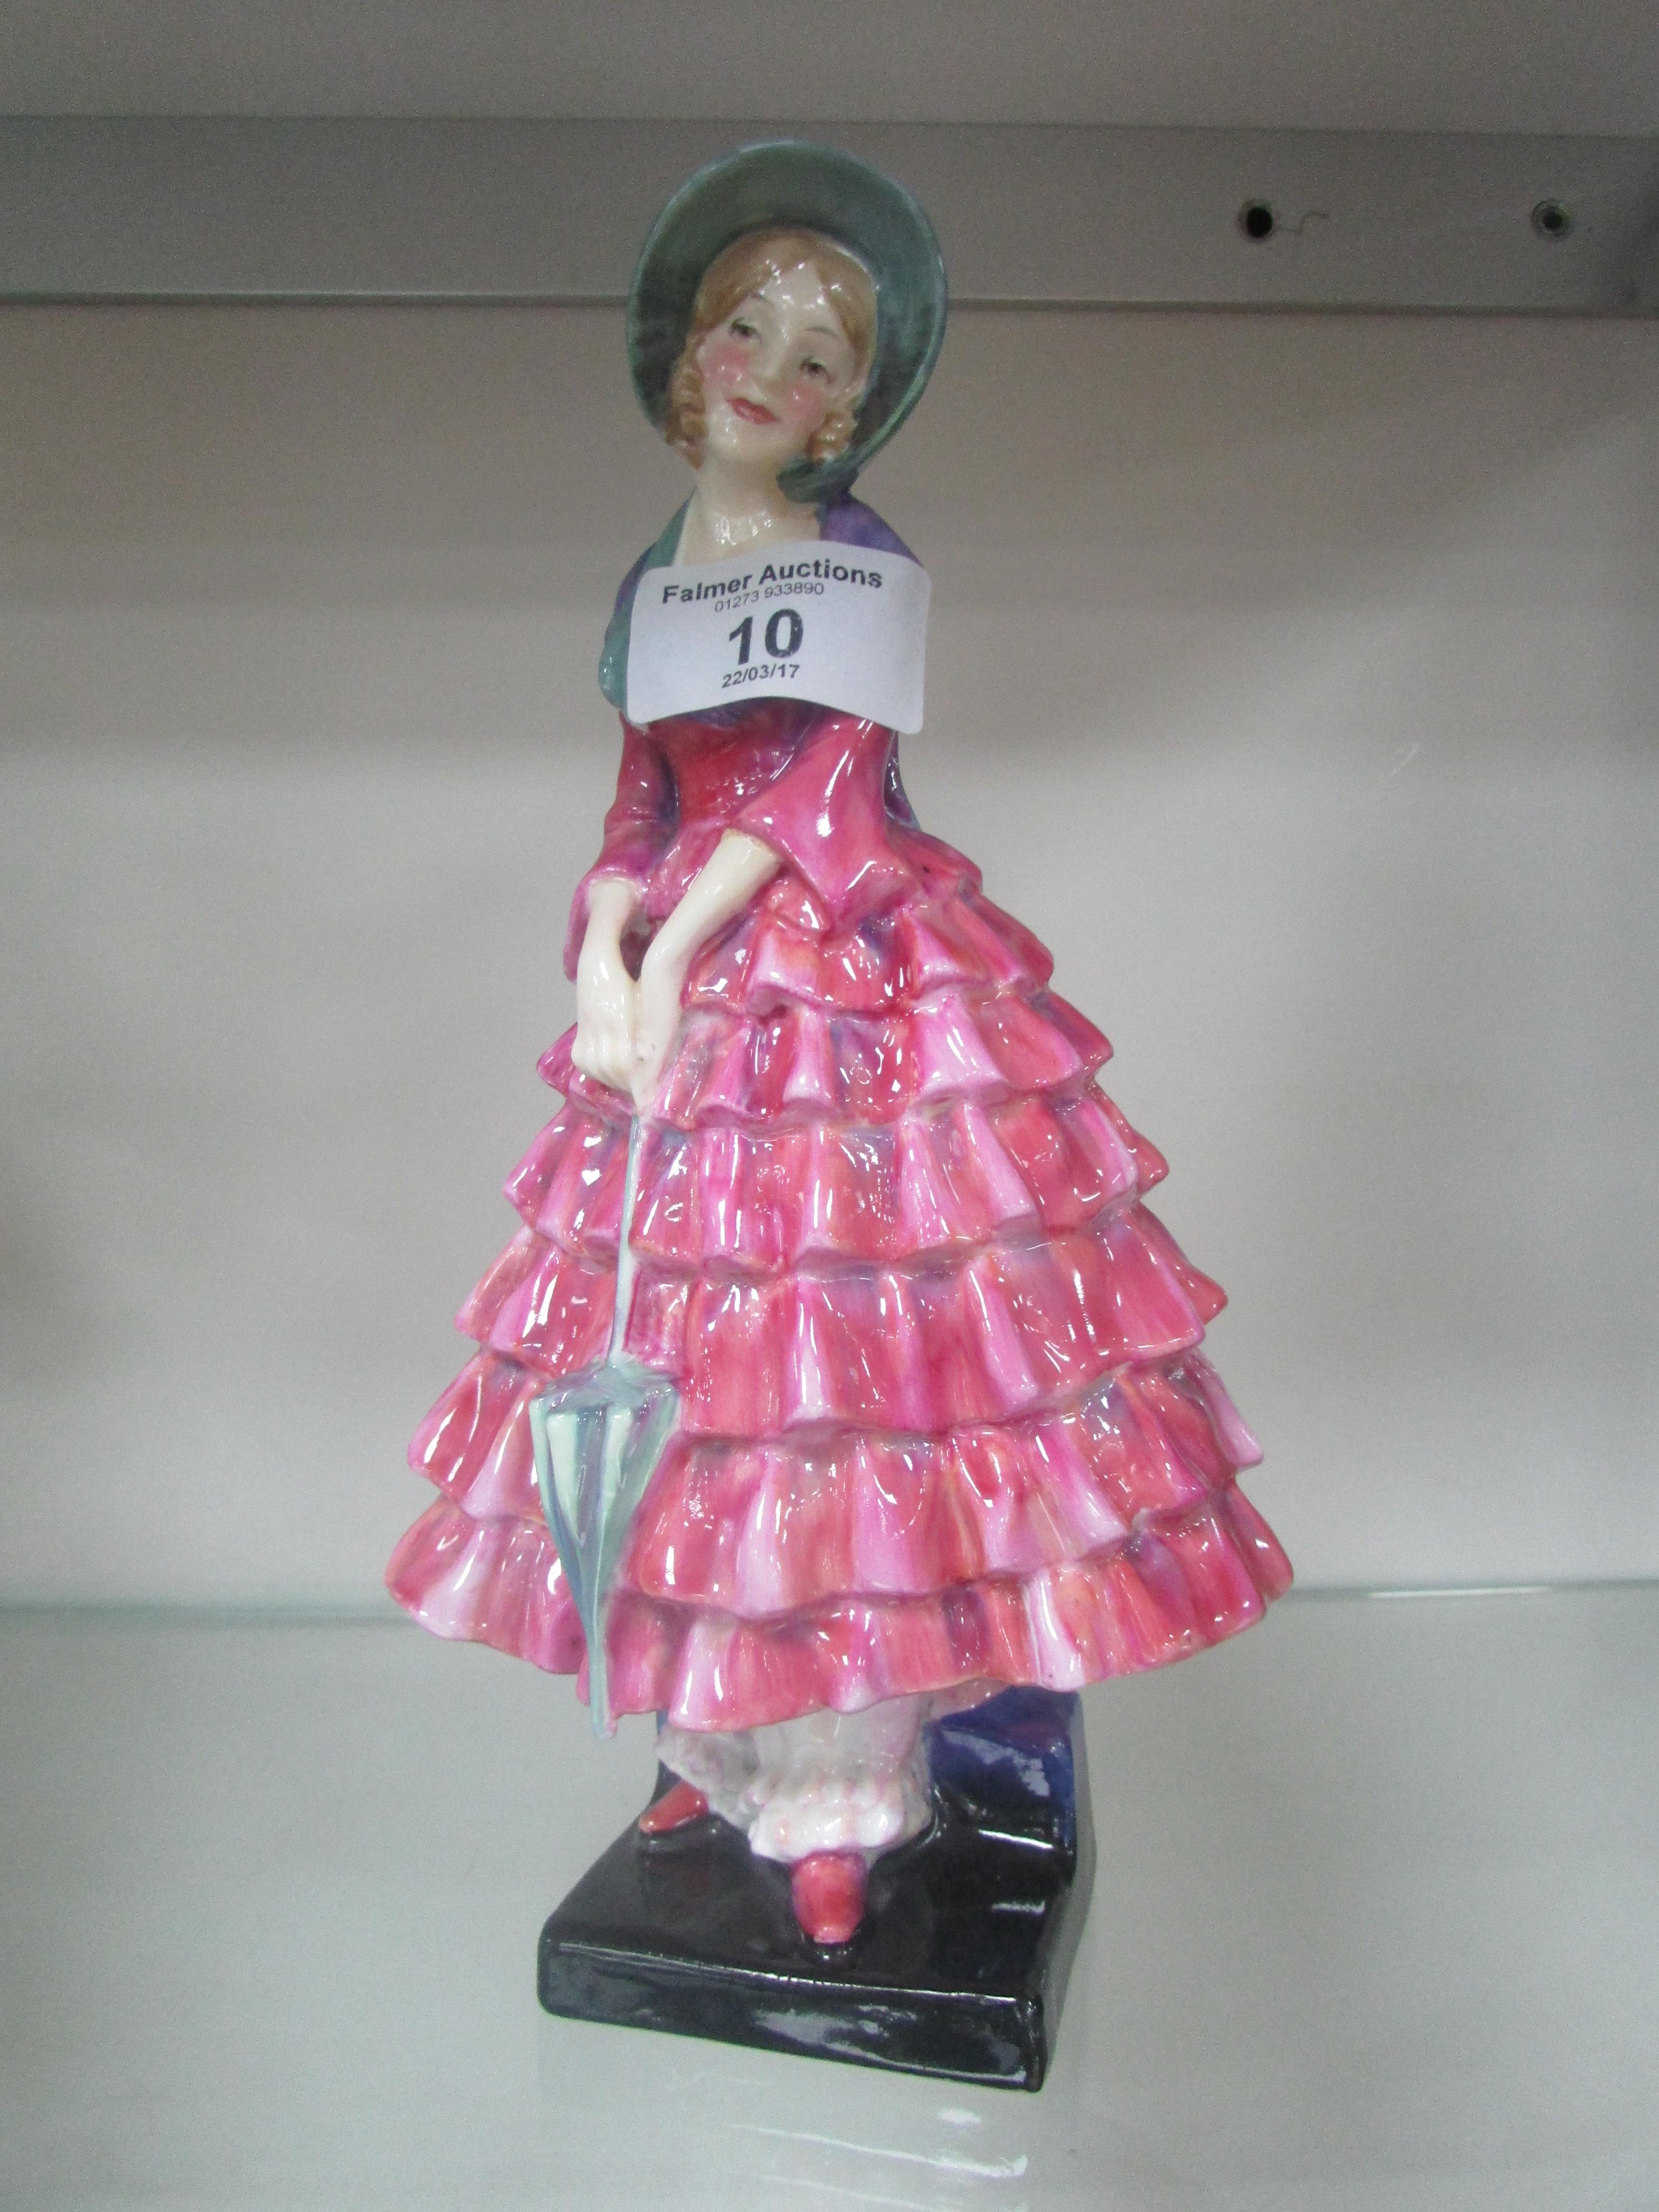 Lot 10 - Doulton figure 'Priscilla' HN 1340